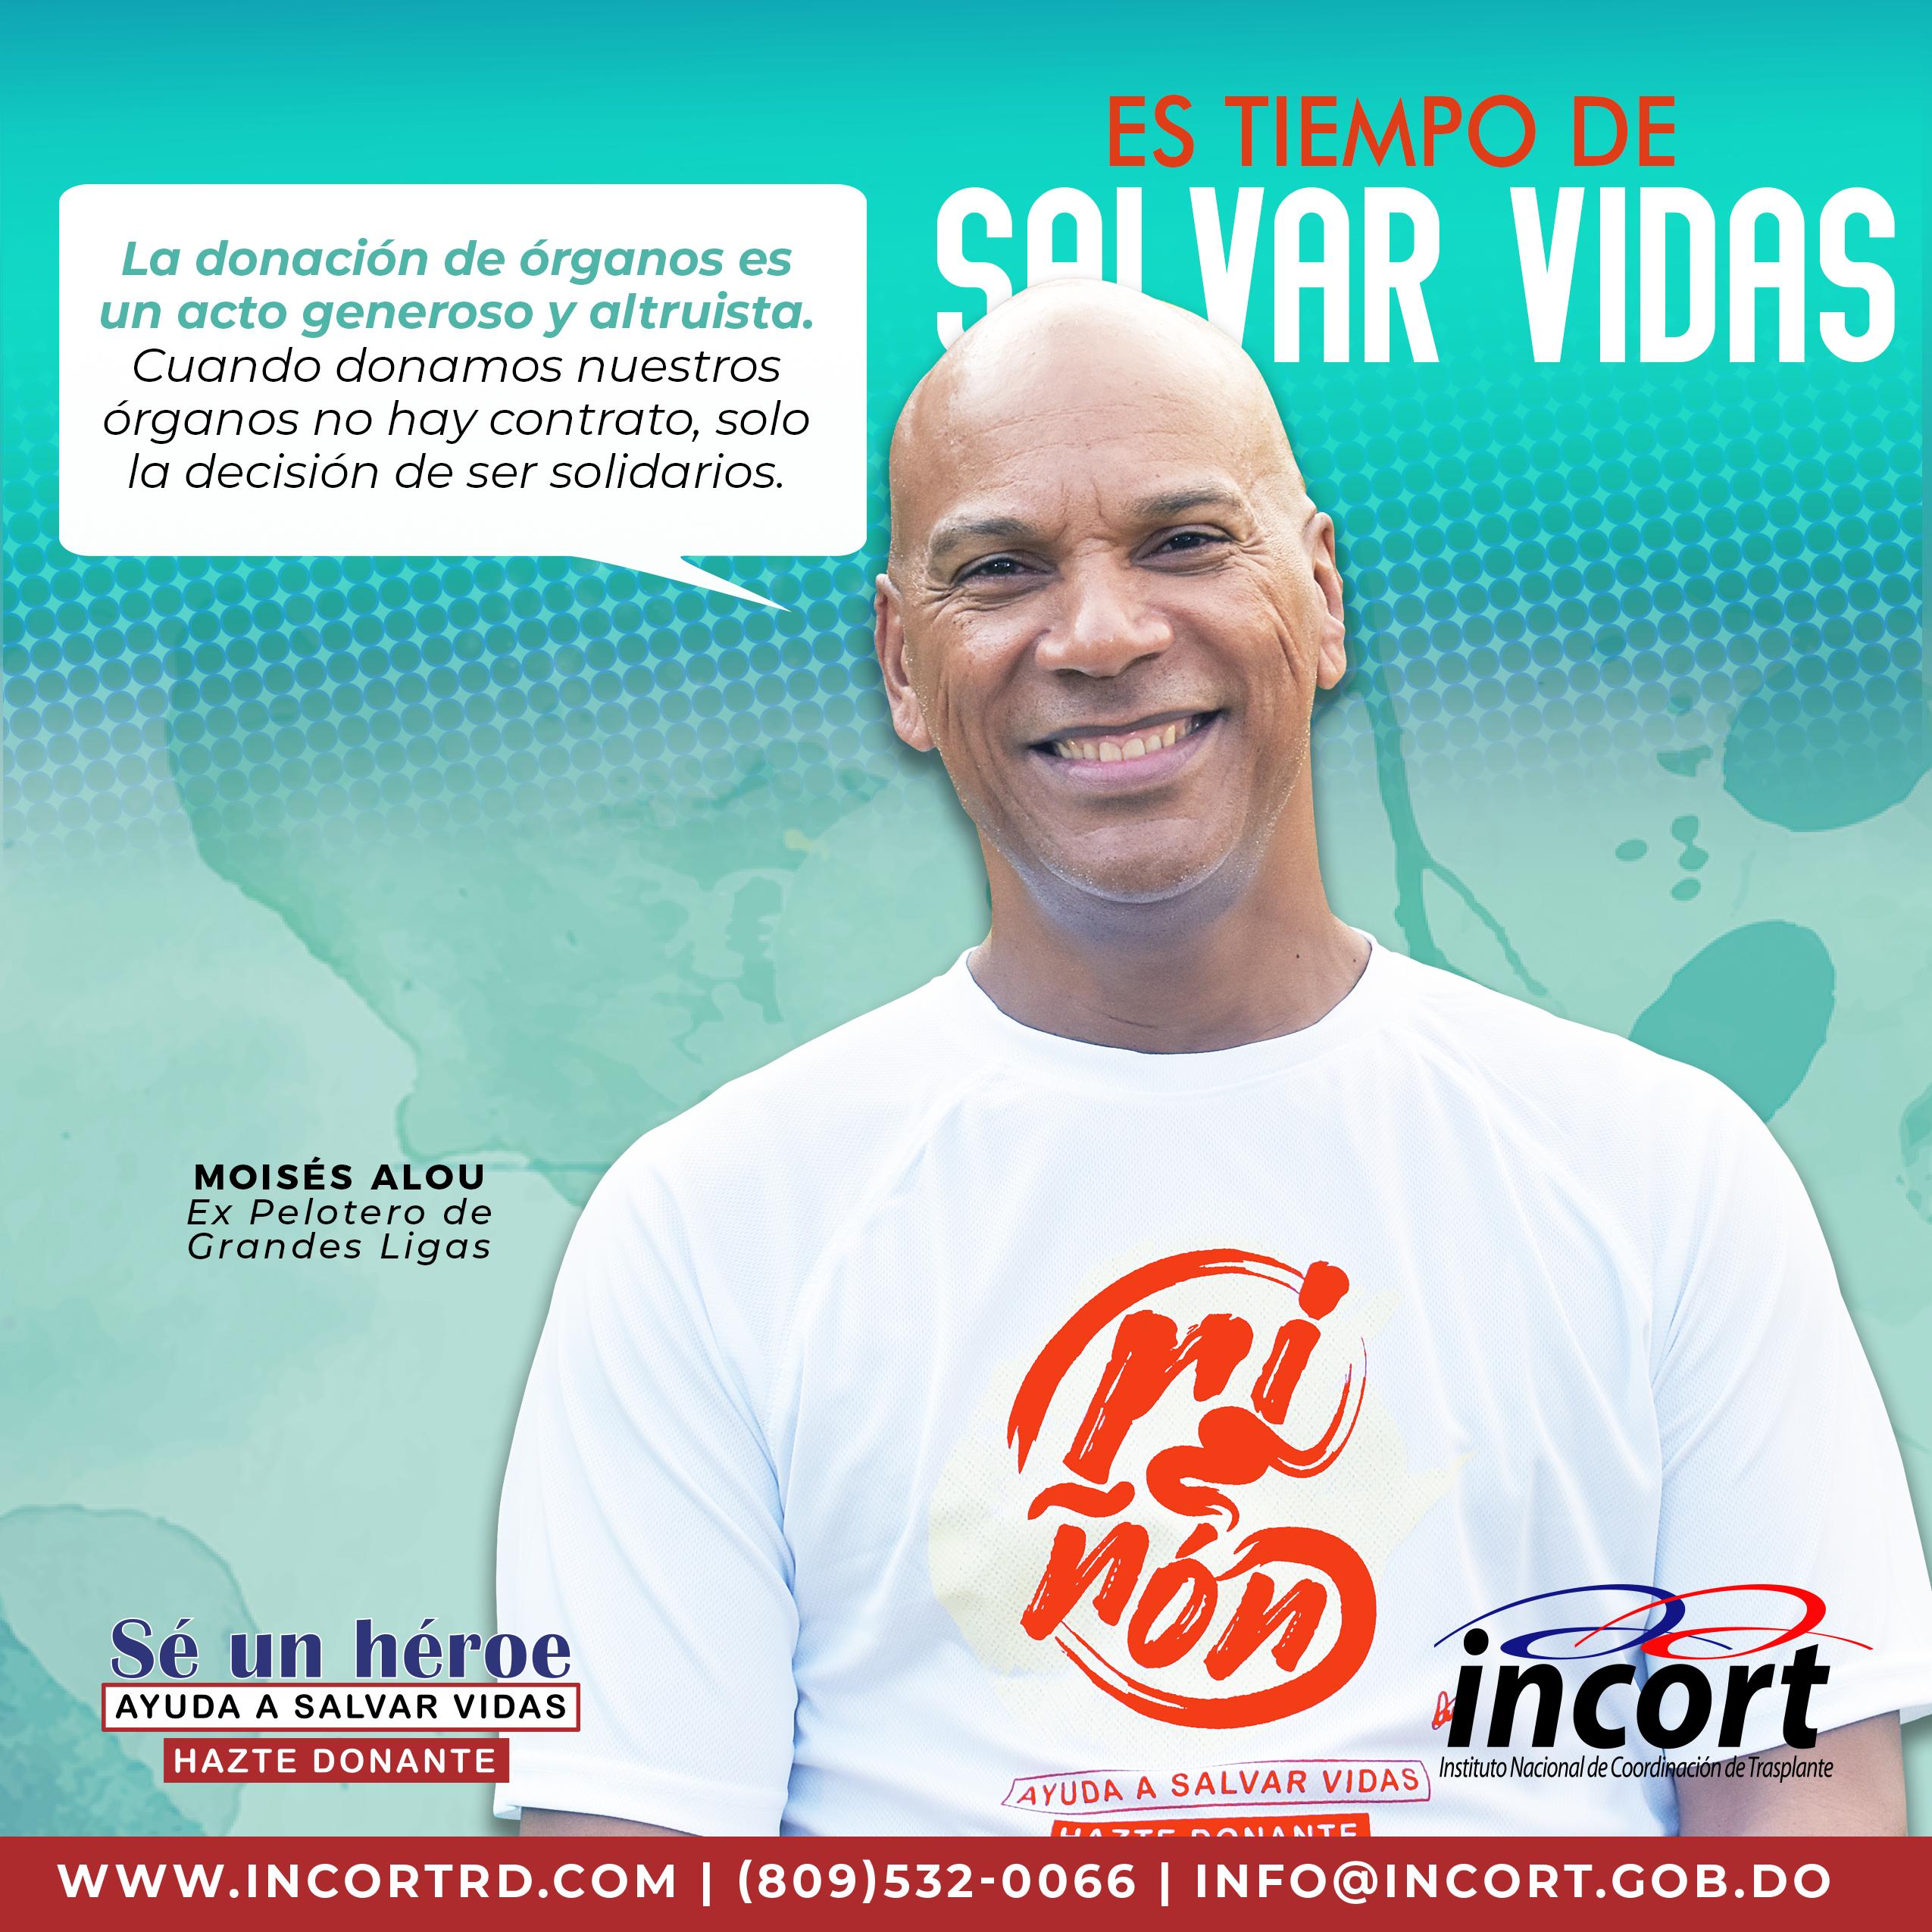 """Moisés Alou es parte de nuestra campaña """"Hazte Donante"""". ¿Y tú, qué esperas para unirte?"""